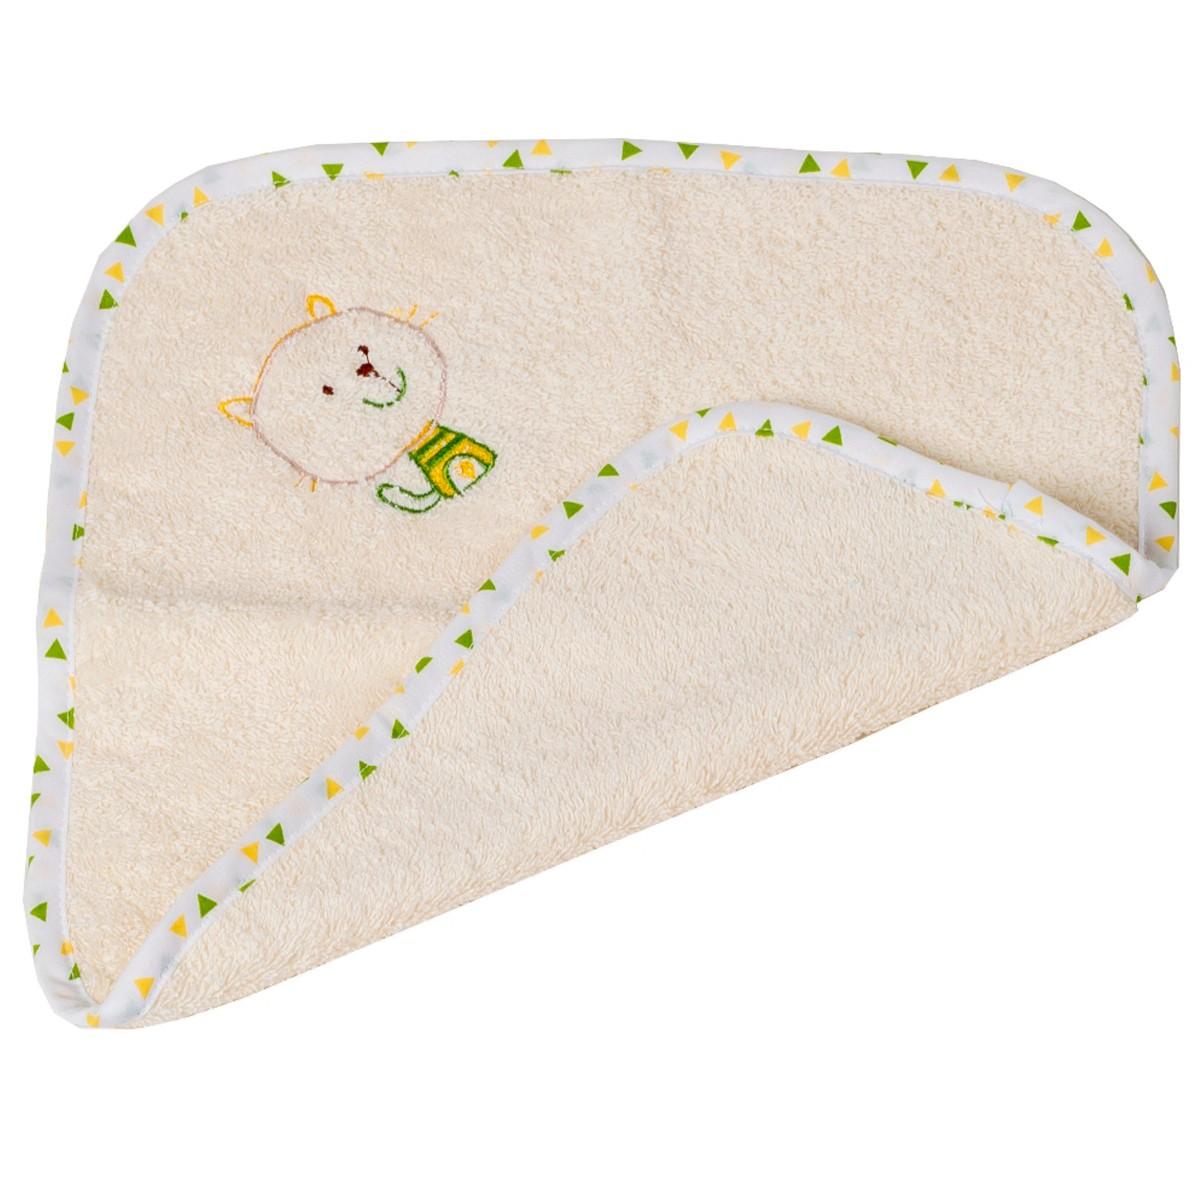 Βρεφική Λαβέτα (30×30) Κόσμος Του Μωρού Home 0637 Εκρού 74670